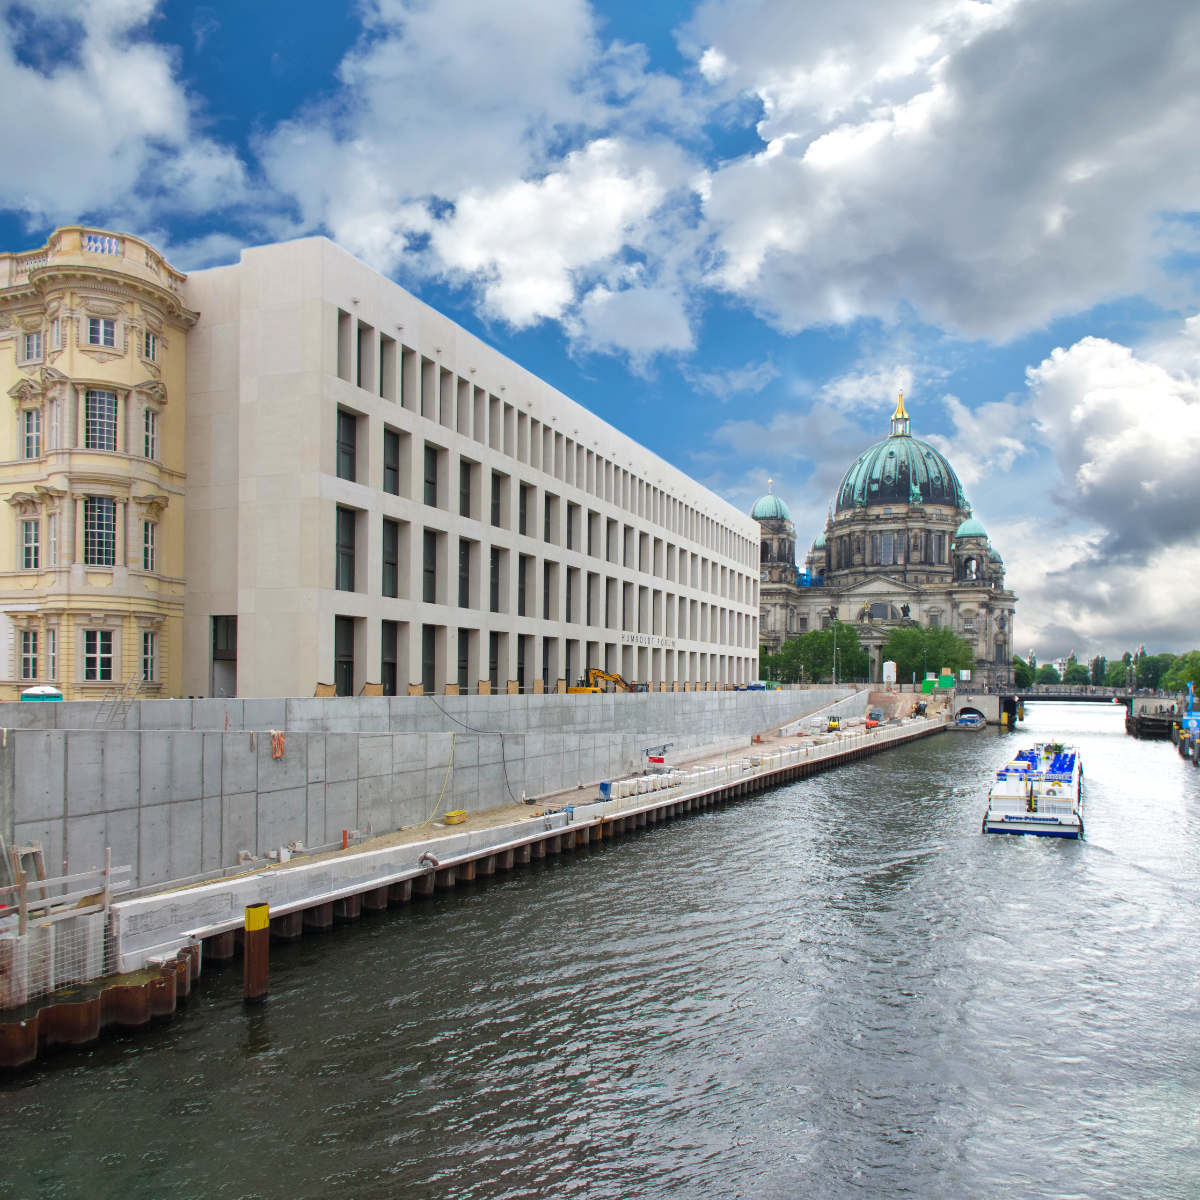 spree-schifffahrt-berlin-berliner-schloss-und-humboldt-forum